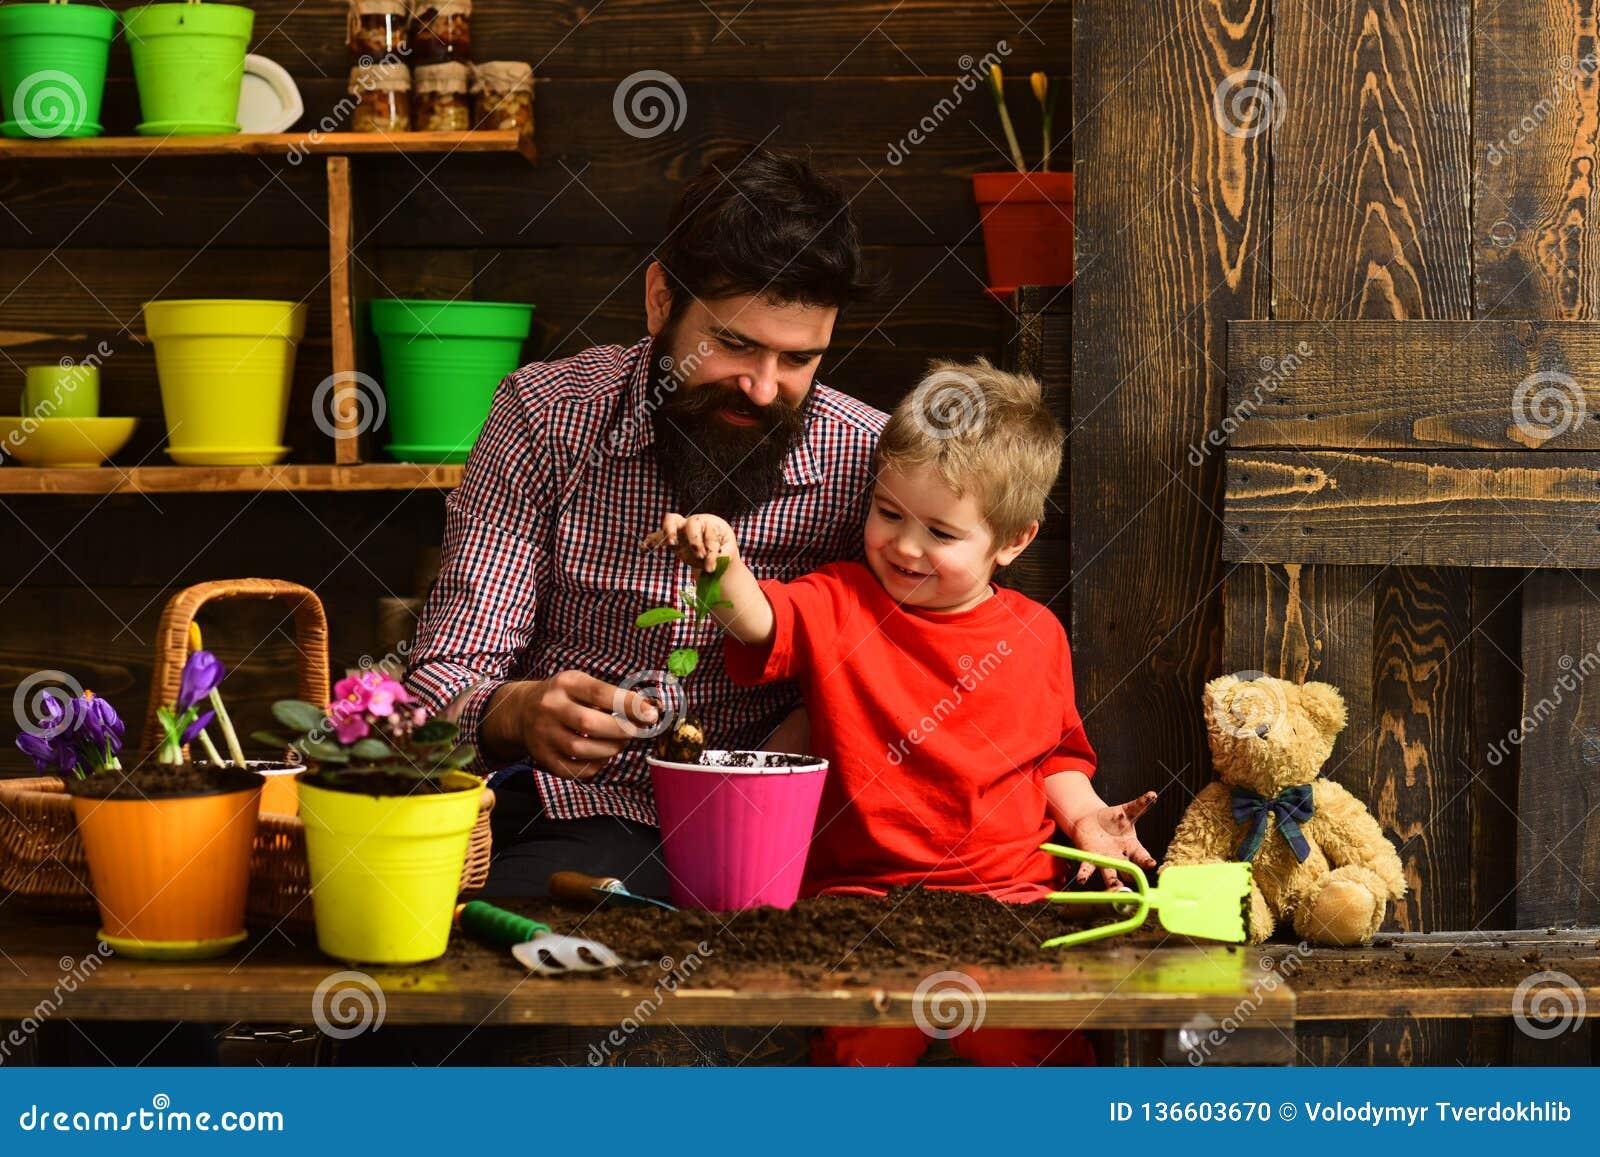 Ojciec i syn Rodzinny dzień charcica Brodata mężczyzny i chłopiec dziecka miłości natura szczęśliwe ogrodniczki z wiosną